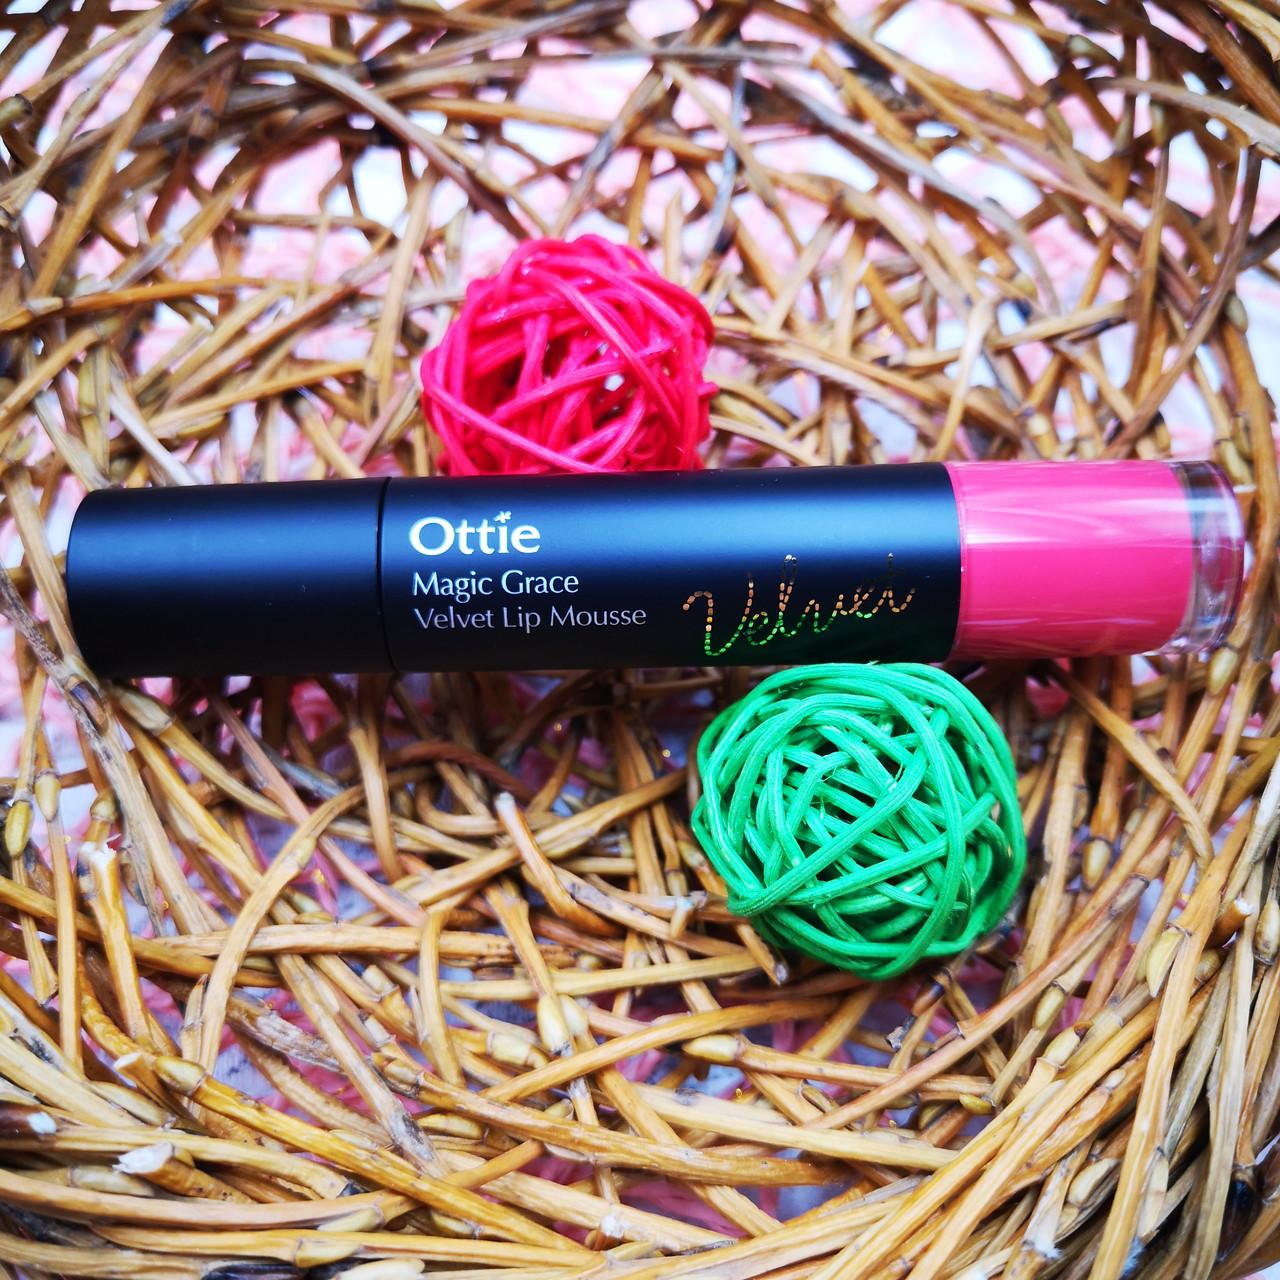 Ottie Жидкая матовая помада-мусс 2 в 1 для губ и щек 04 Scarlet Pink Magic Grace Velvet Lip Mousse